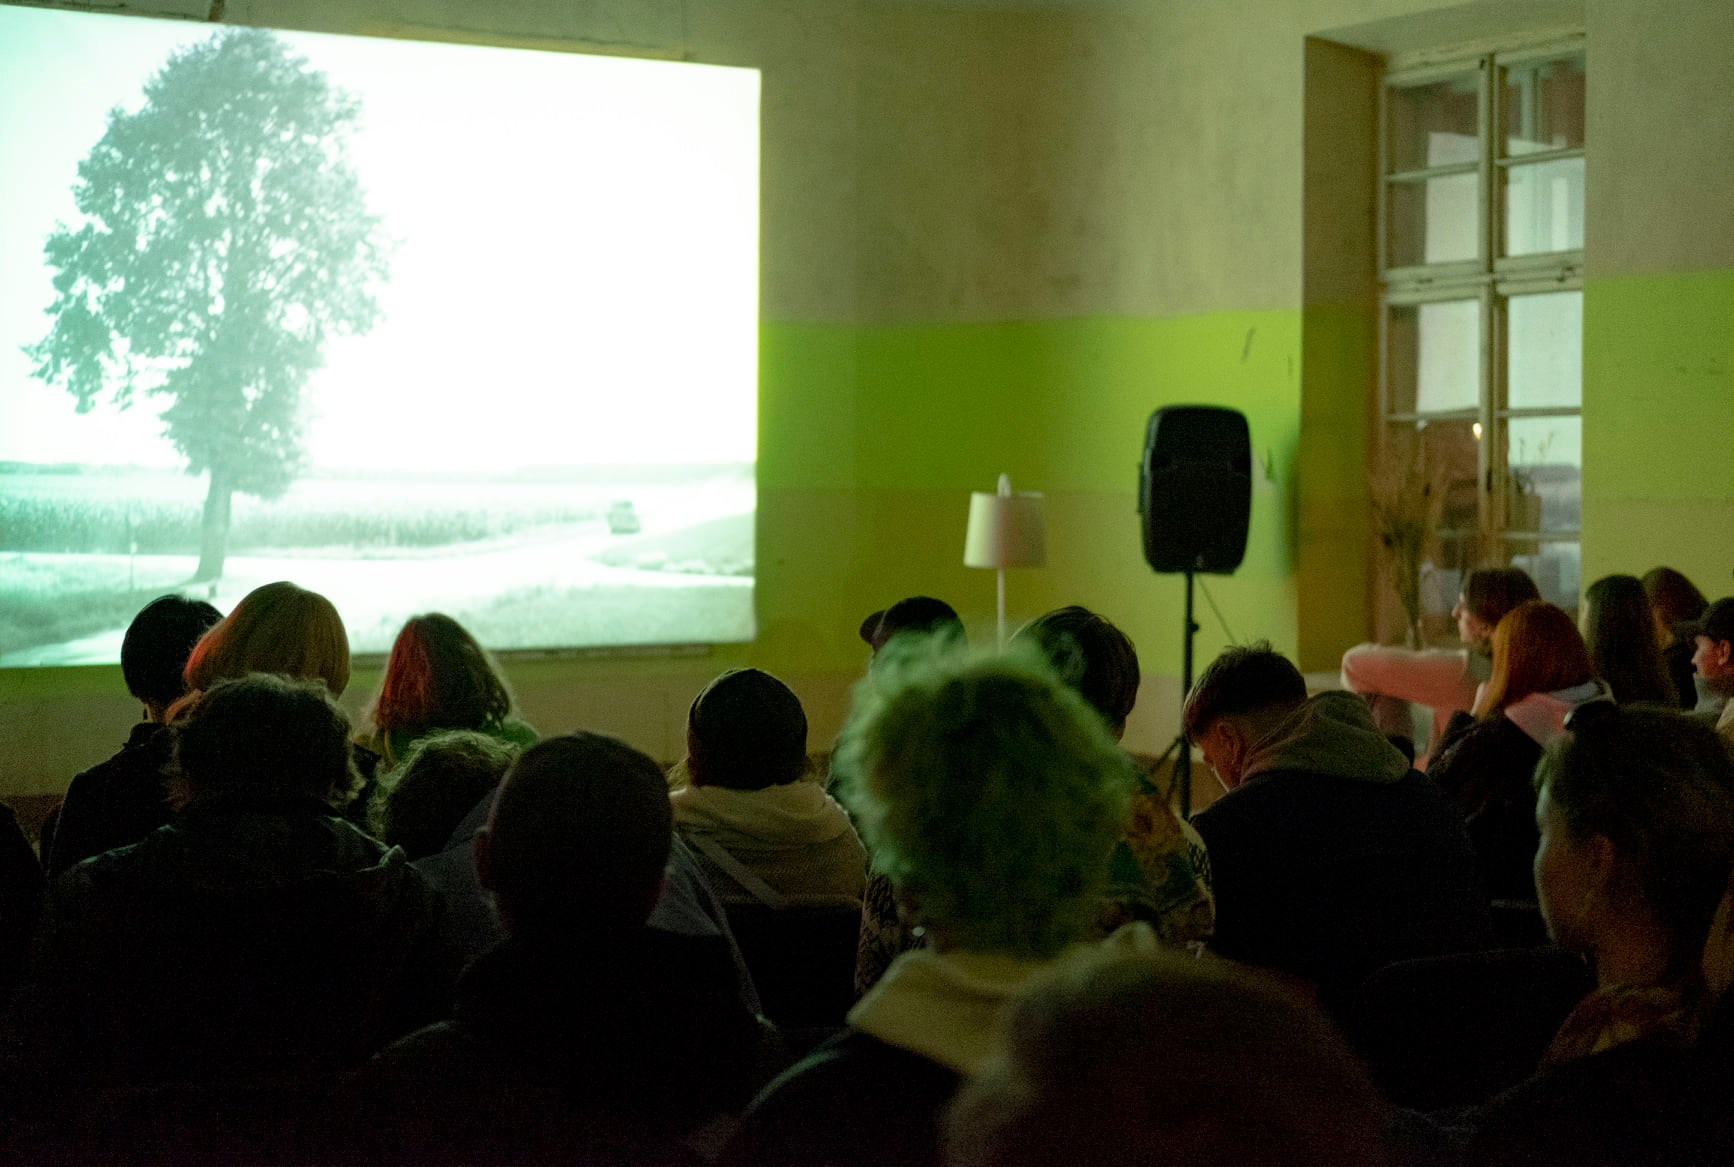 Міжнародний фестиваль короткометражок пройшов в Івано-Франківську (ФОТО)